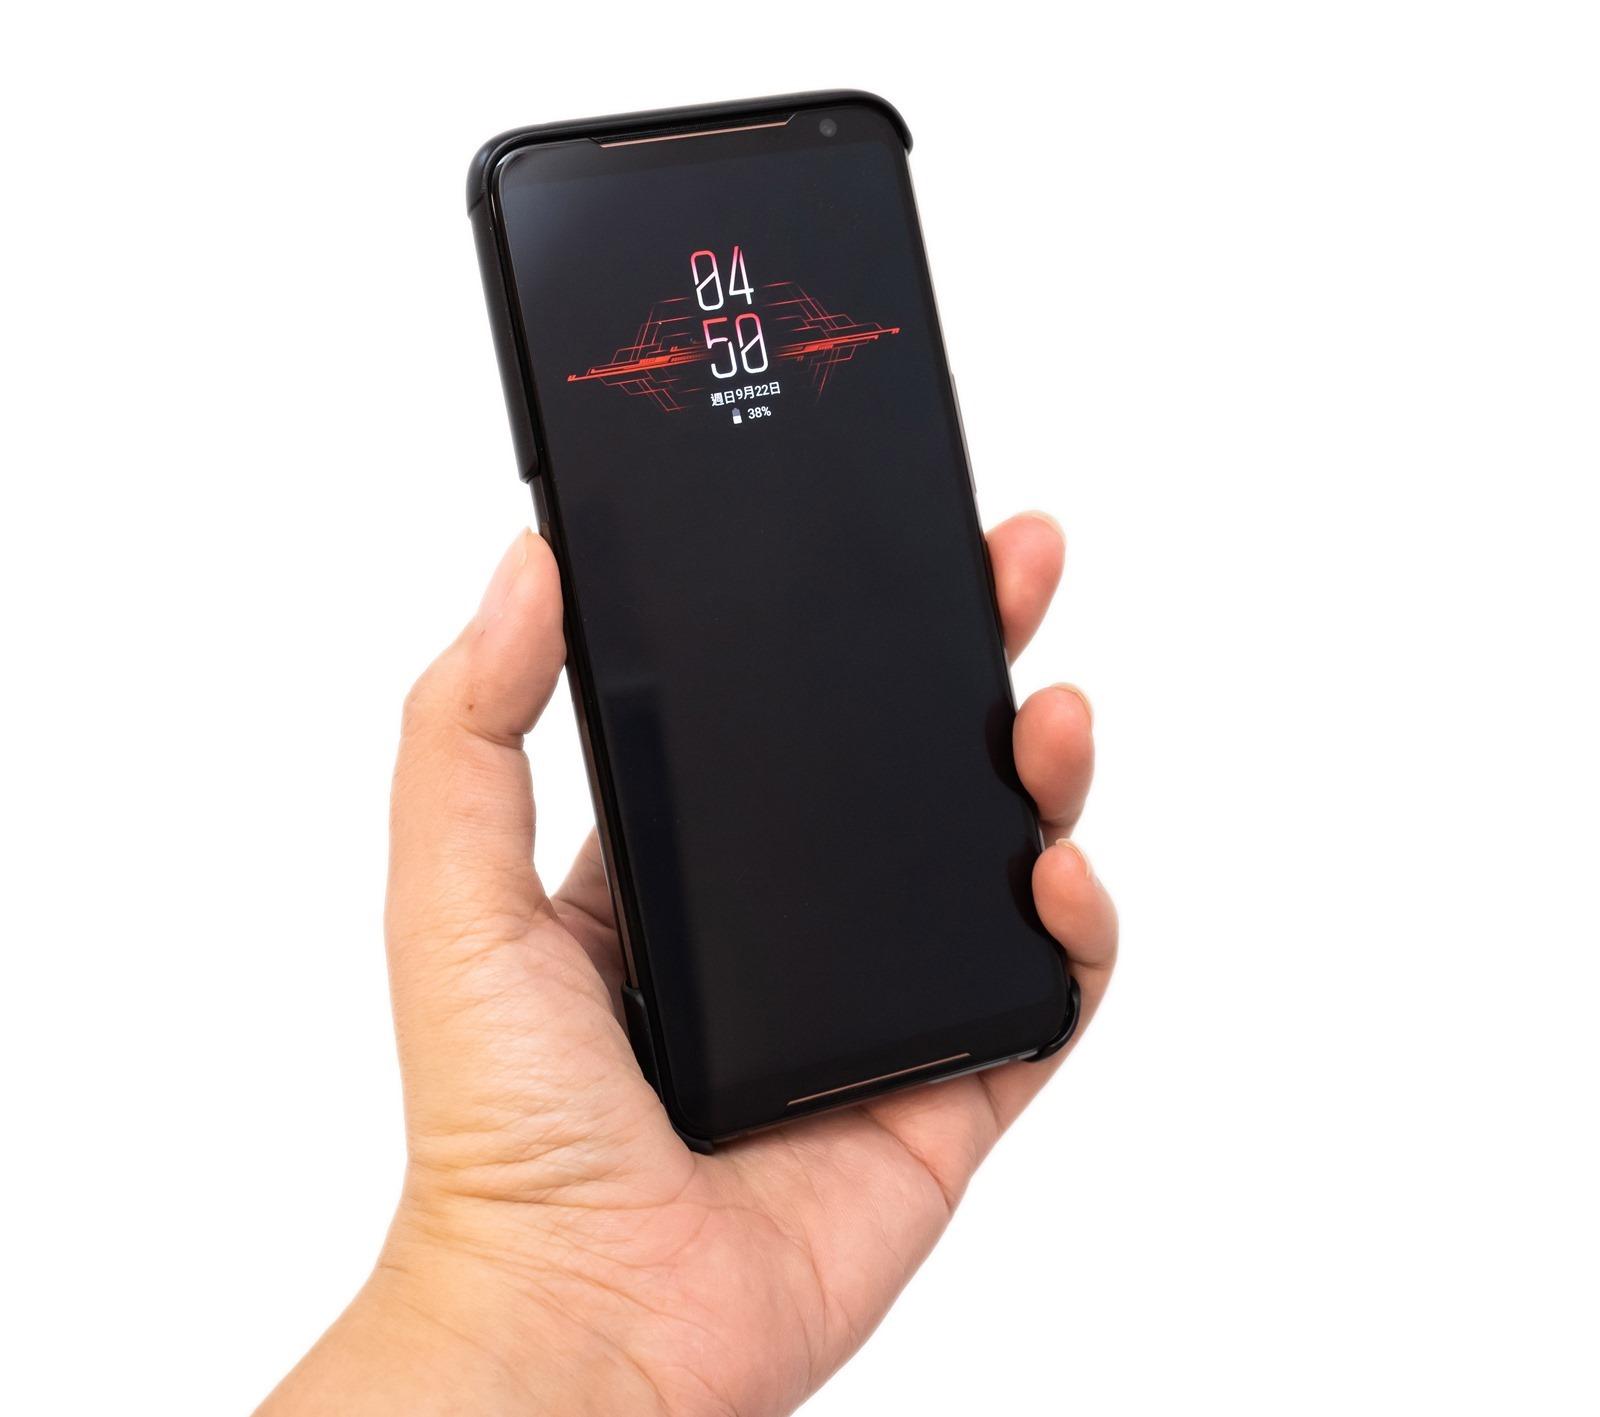 最強遊戲手機就是 ROG Phone II!(1) 手機開箱!S855+處理器+6000mAh 頂天性能電力怪獸!120Hz 螢幕滿滿電競元素 @3C 達人廖阿輝